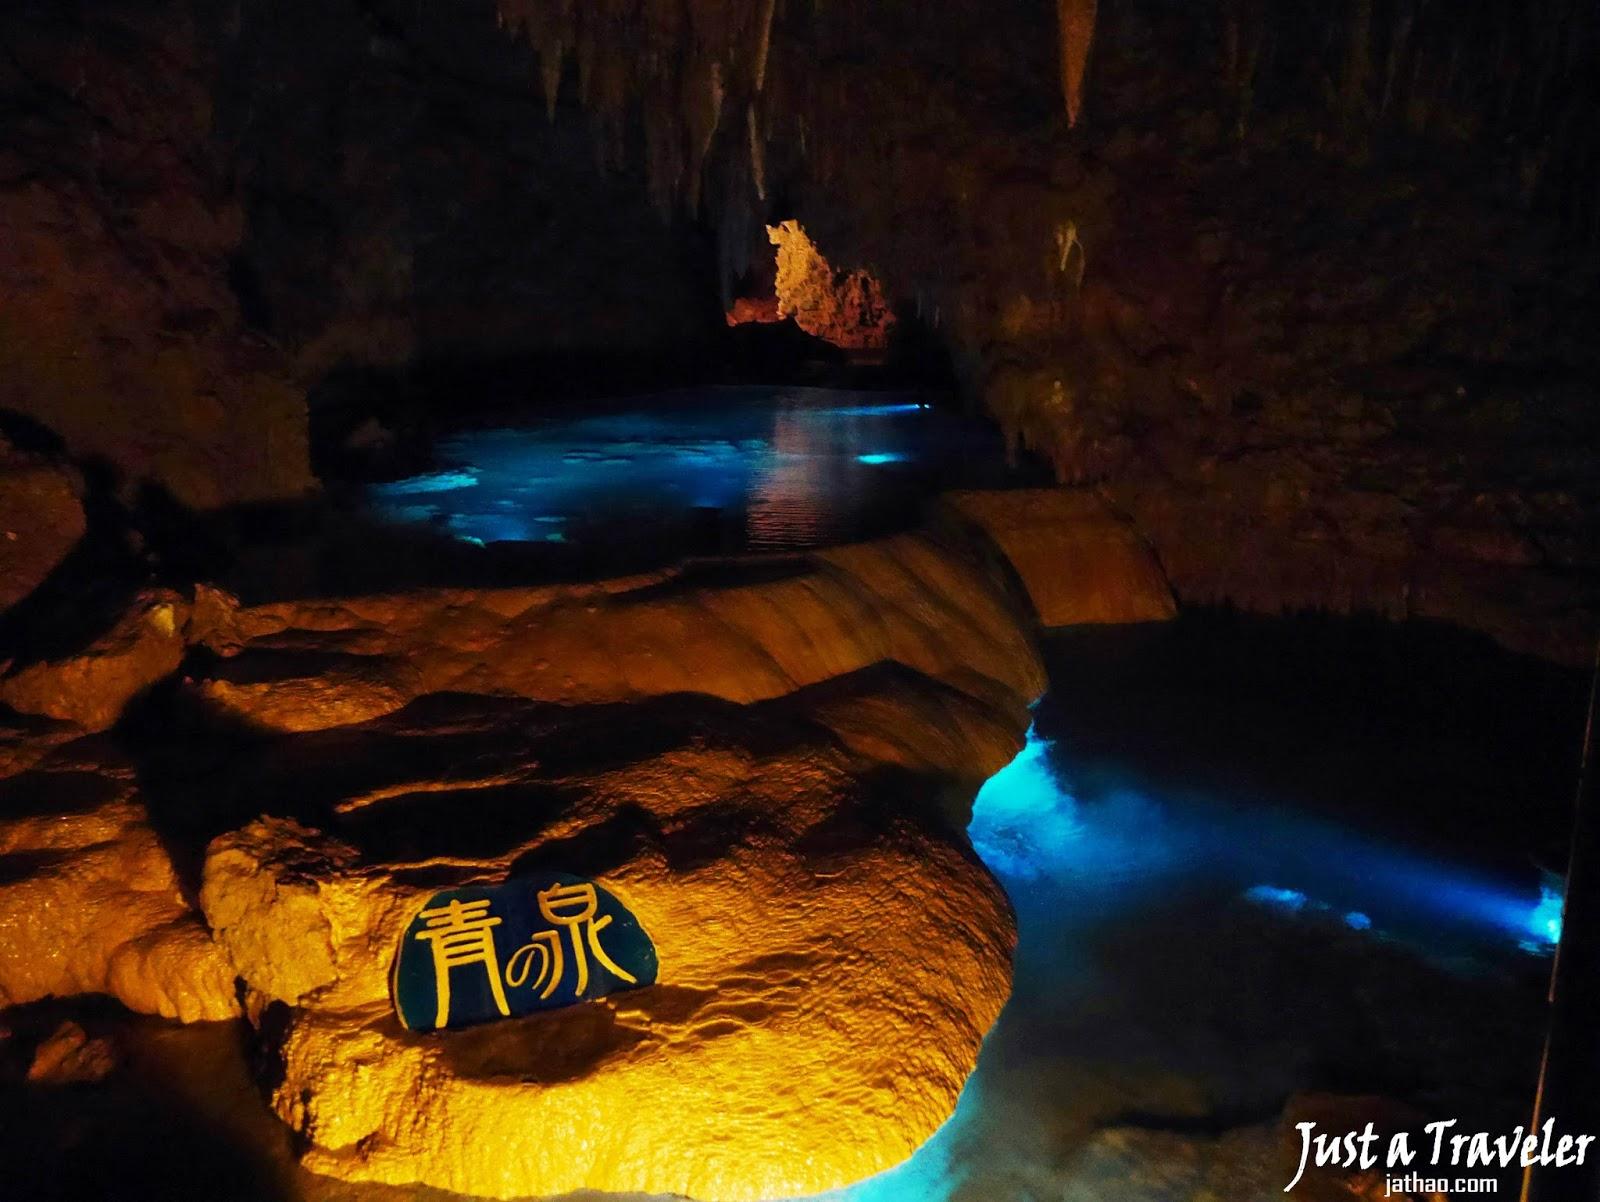 沖繩-沖繩景點-推薦-玉泉洞-沖繩世界文化王國-沖繩自由行景點-沖繩南部景點-沖繩旅遊-沖繩觀光景點-Okinawa-attraction-gyokusendo-Okinawaworld-Toruist-destination